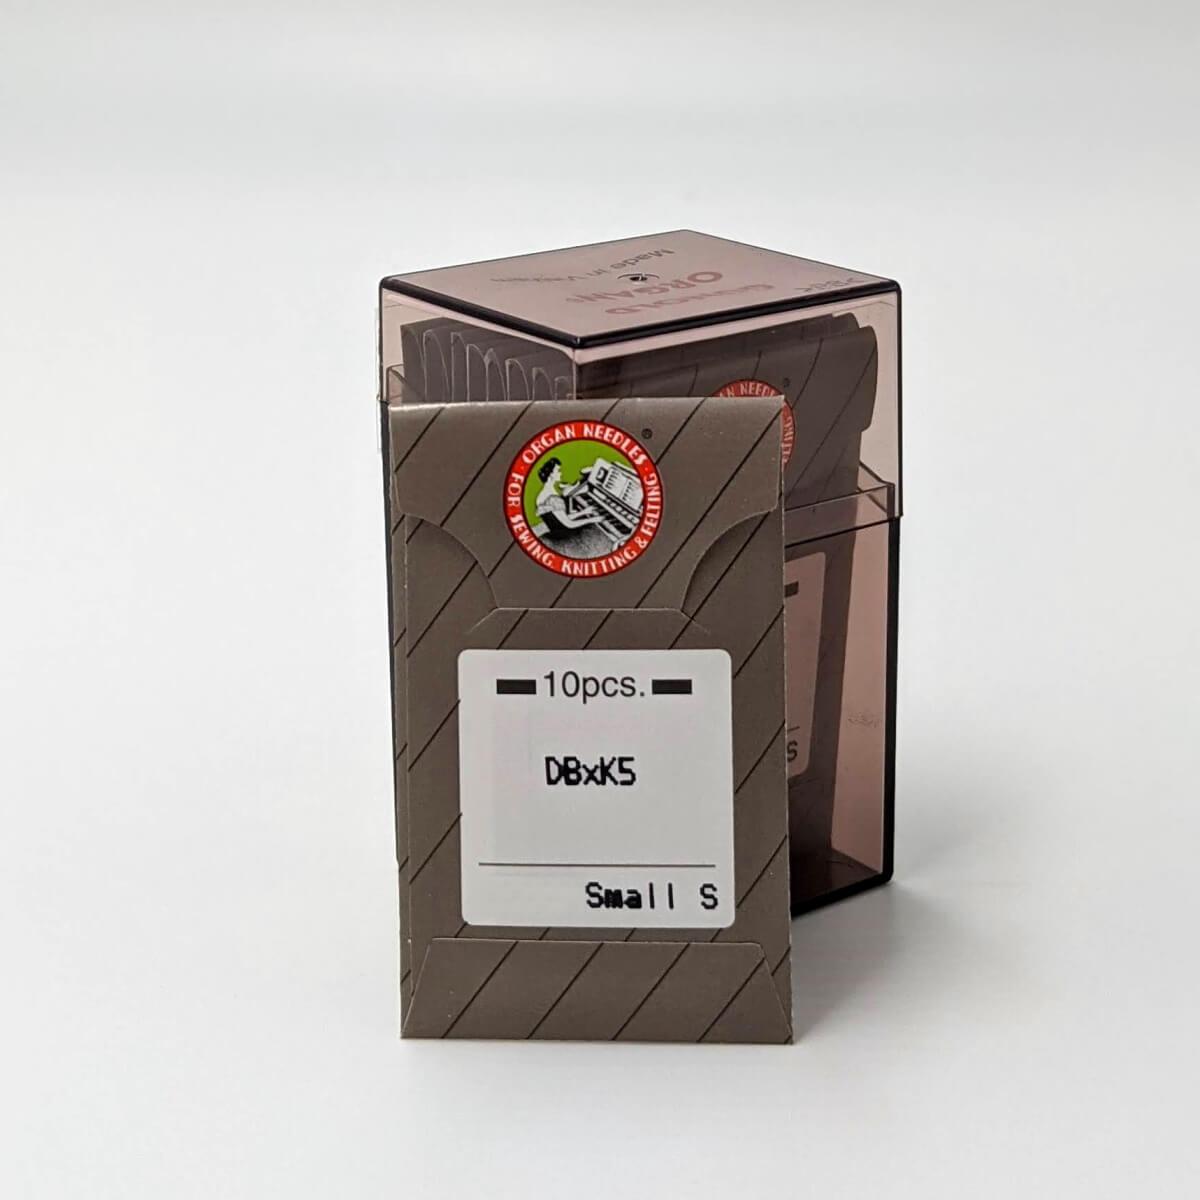 Spezialnadeln DB x K5 - für Leder Small S